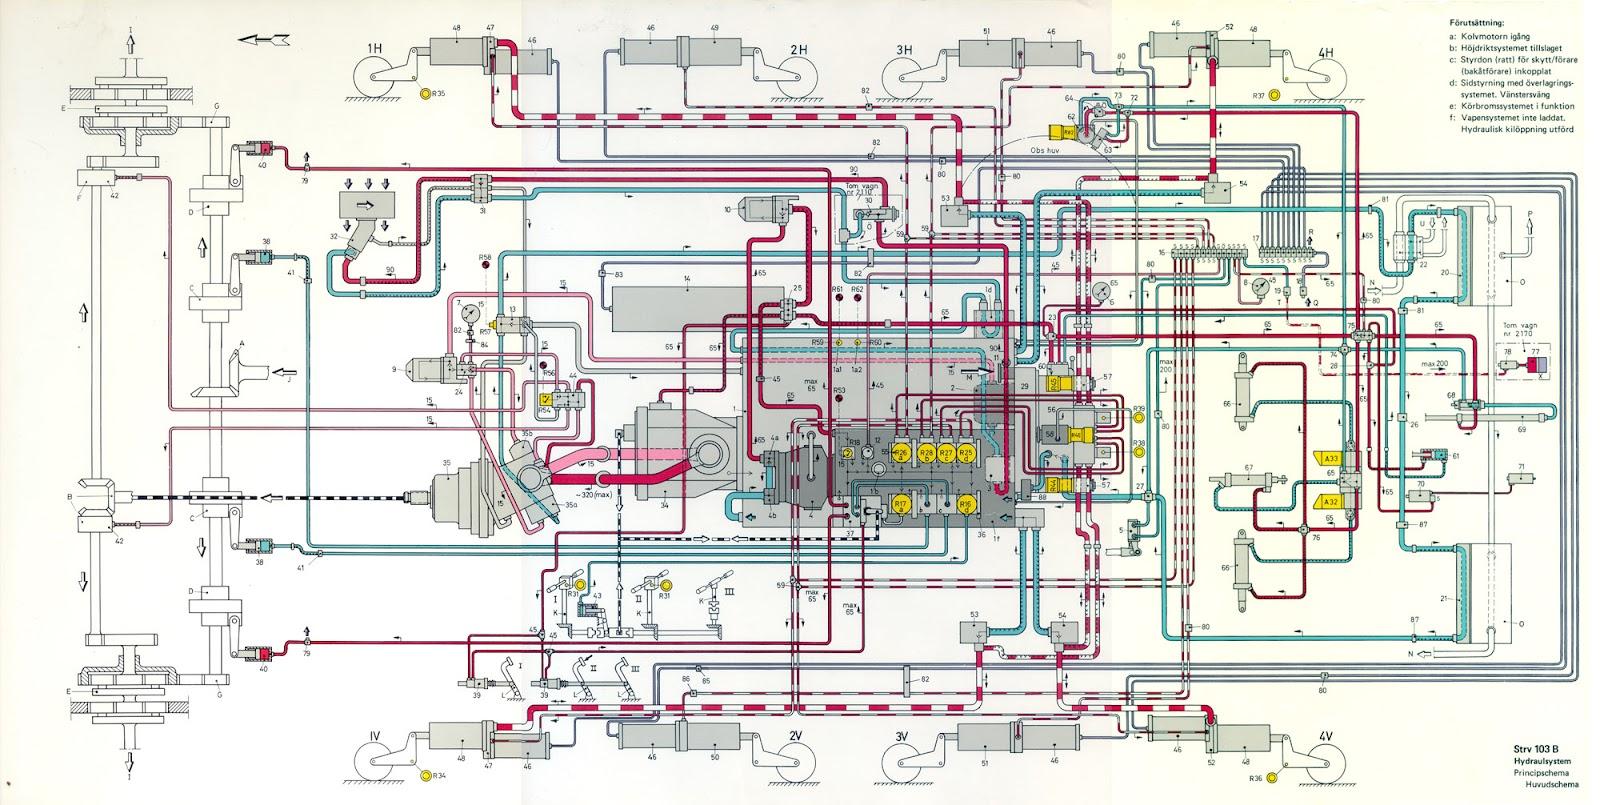 http://3.bp.blogspot.com/-5CD4wP_UqdE/UBmYUtmVBCI/AAAAAAAADAI/7JNF1j7nx_Q/s1600/hydraulsystem103so1.jpg